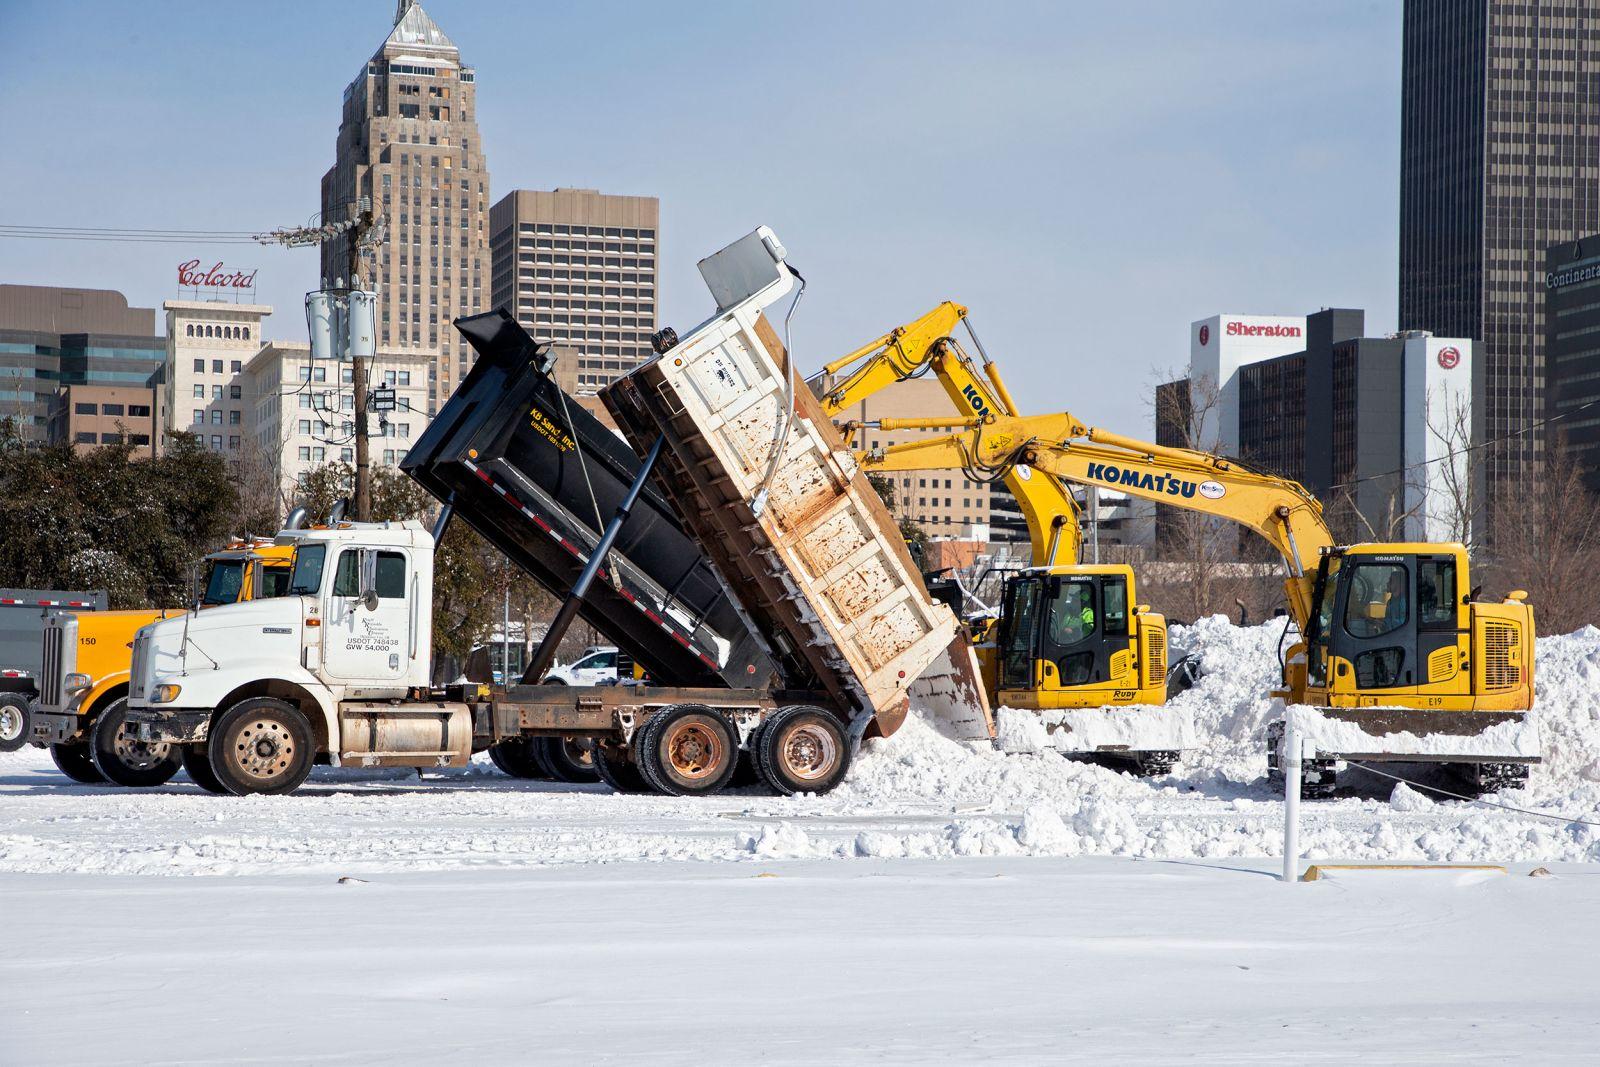 [PhotoStory] Những hình ảnh có một không hai về mùa đông khắc nghiệt trên đất Mỹ - Ảnh 16.